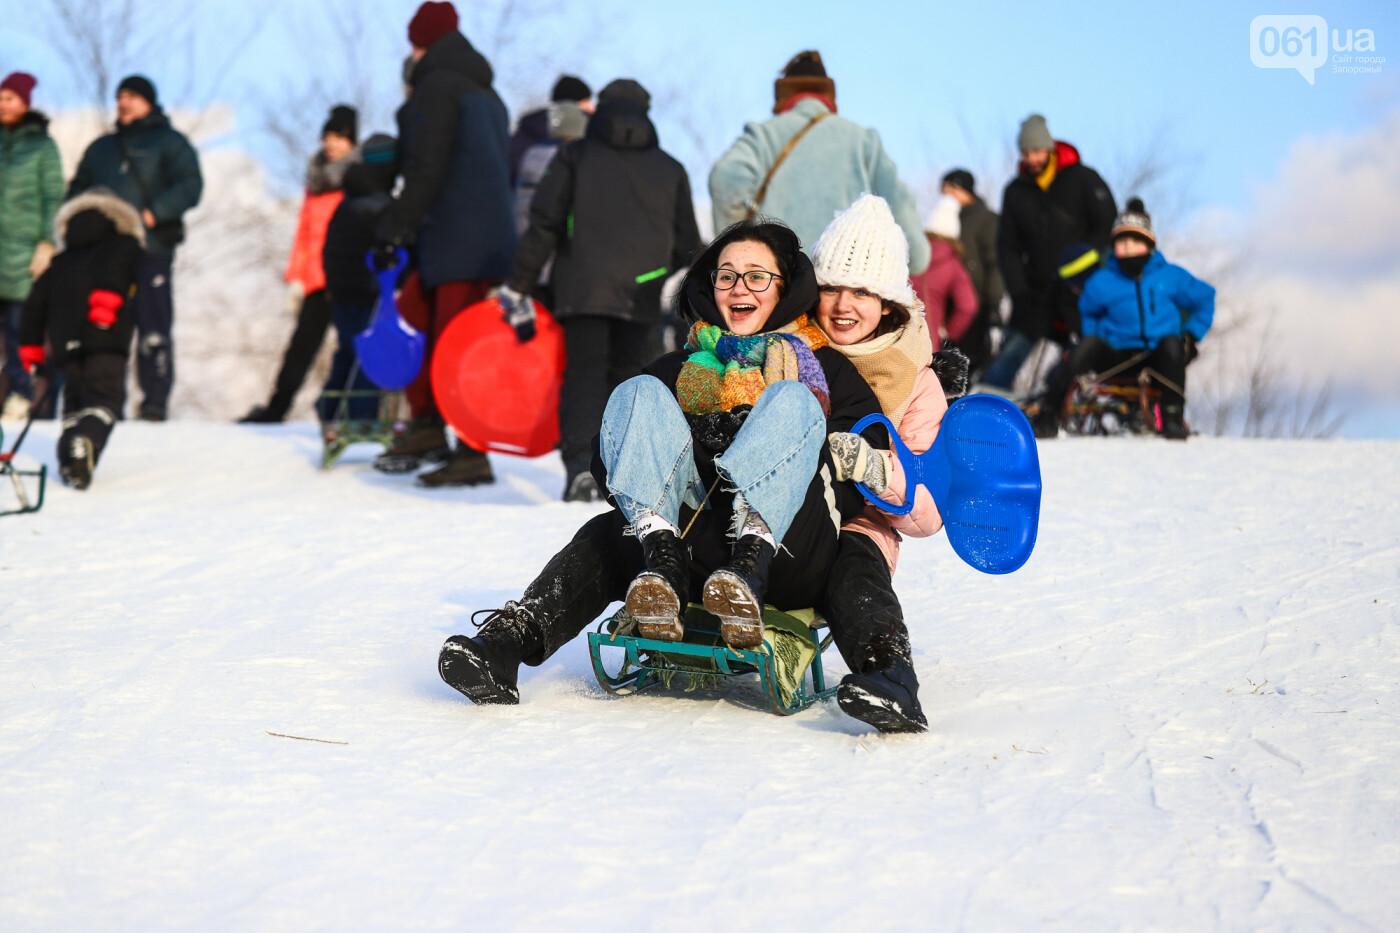 На санках, лыжах и сноуборде: запорожцы устроили массовое катание с горок в Вознесеновском парке, - ФОТОРЕПОРТАЖ, фото-58